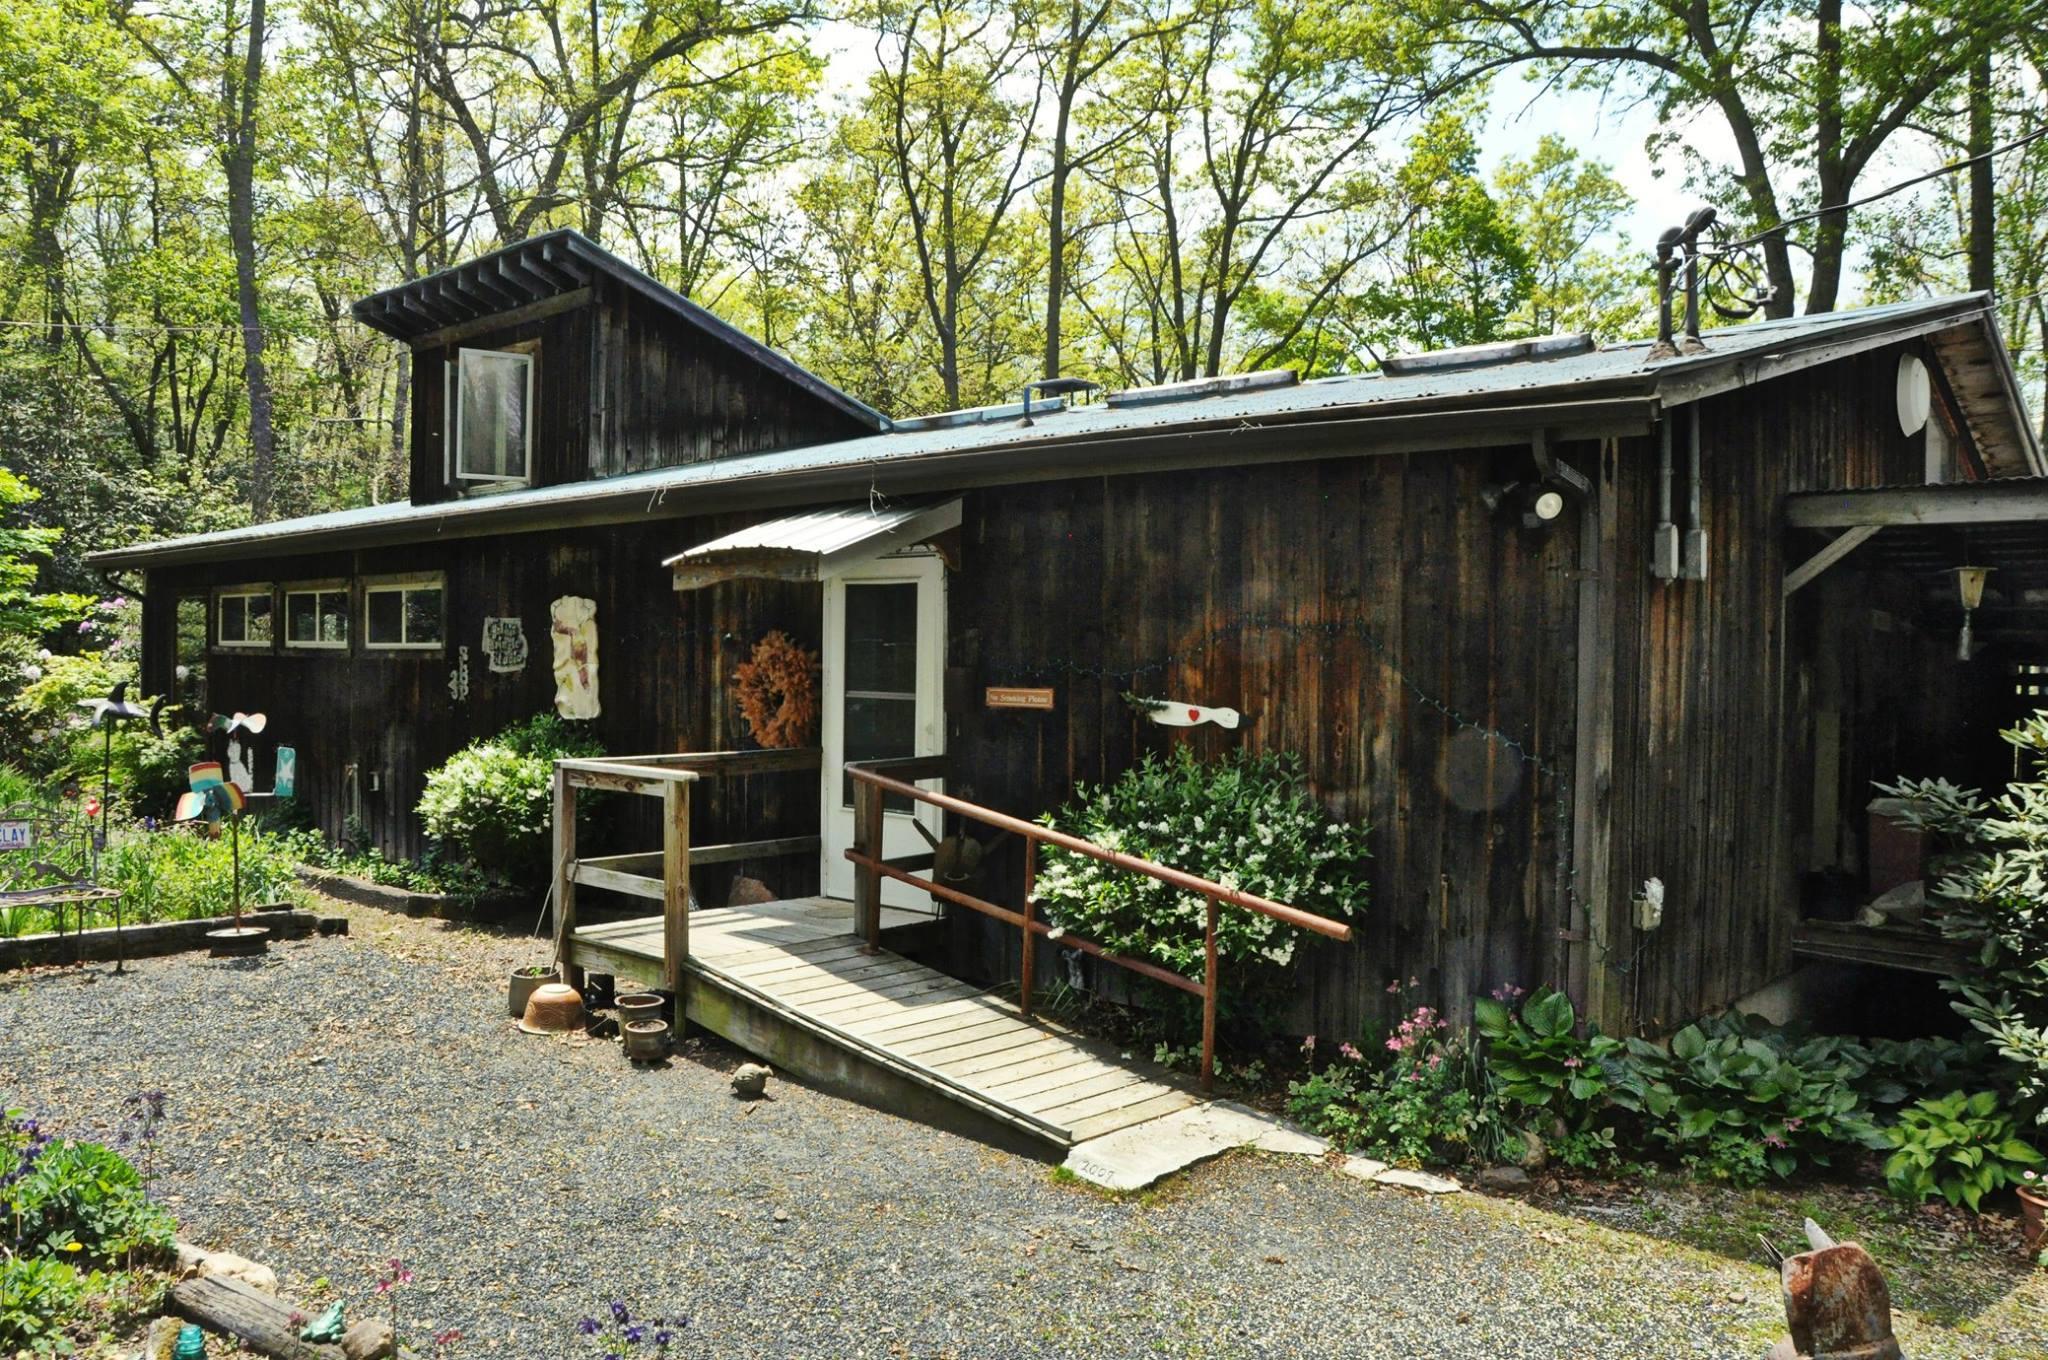 Cynthia Bringle's Studio in Penland, North Carolina